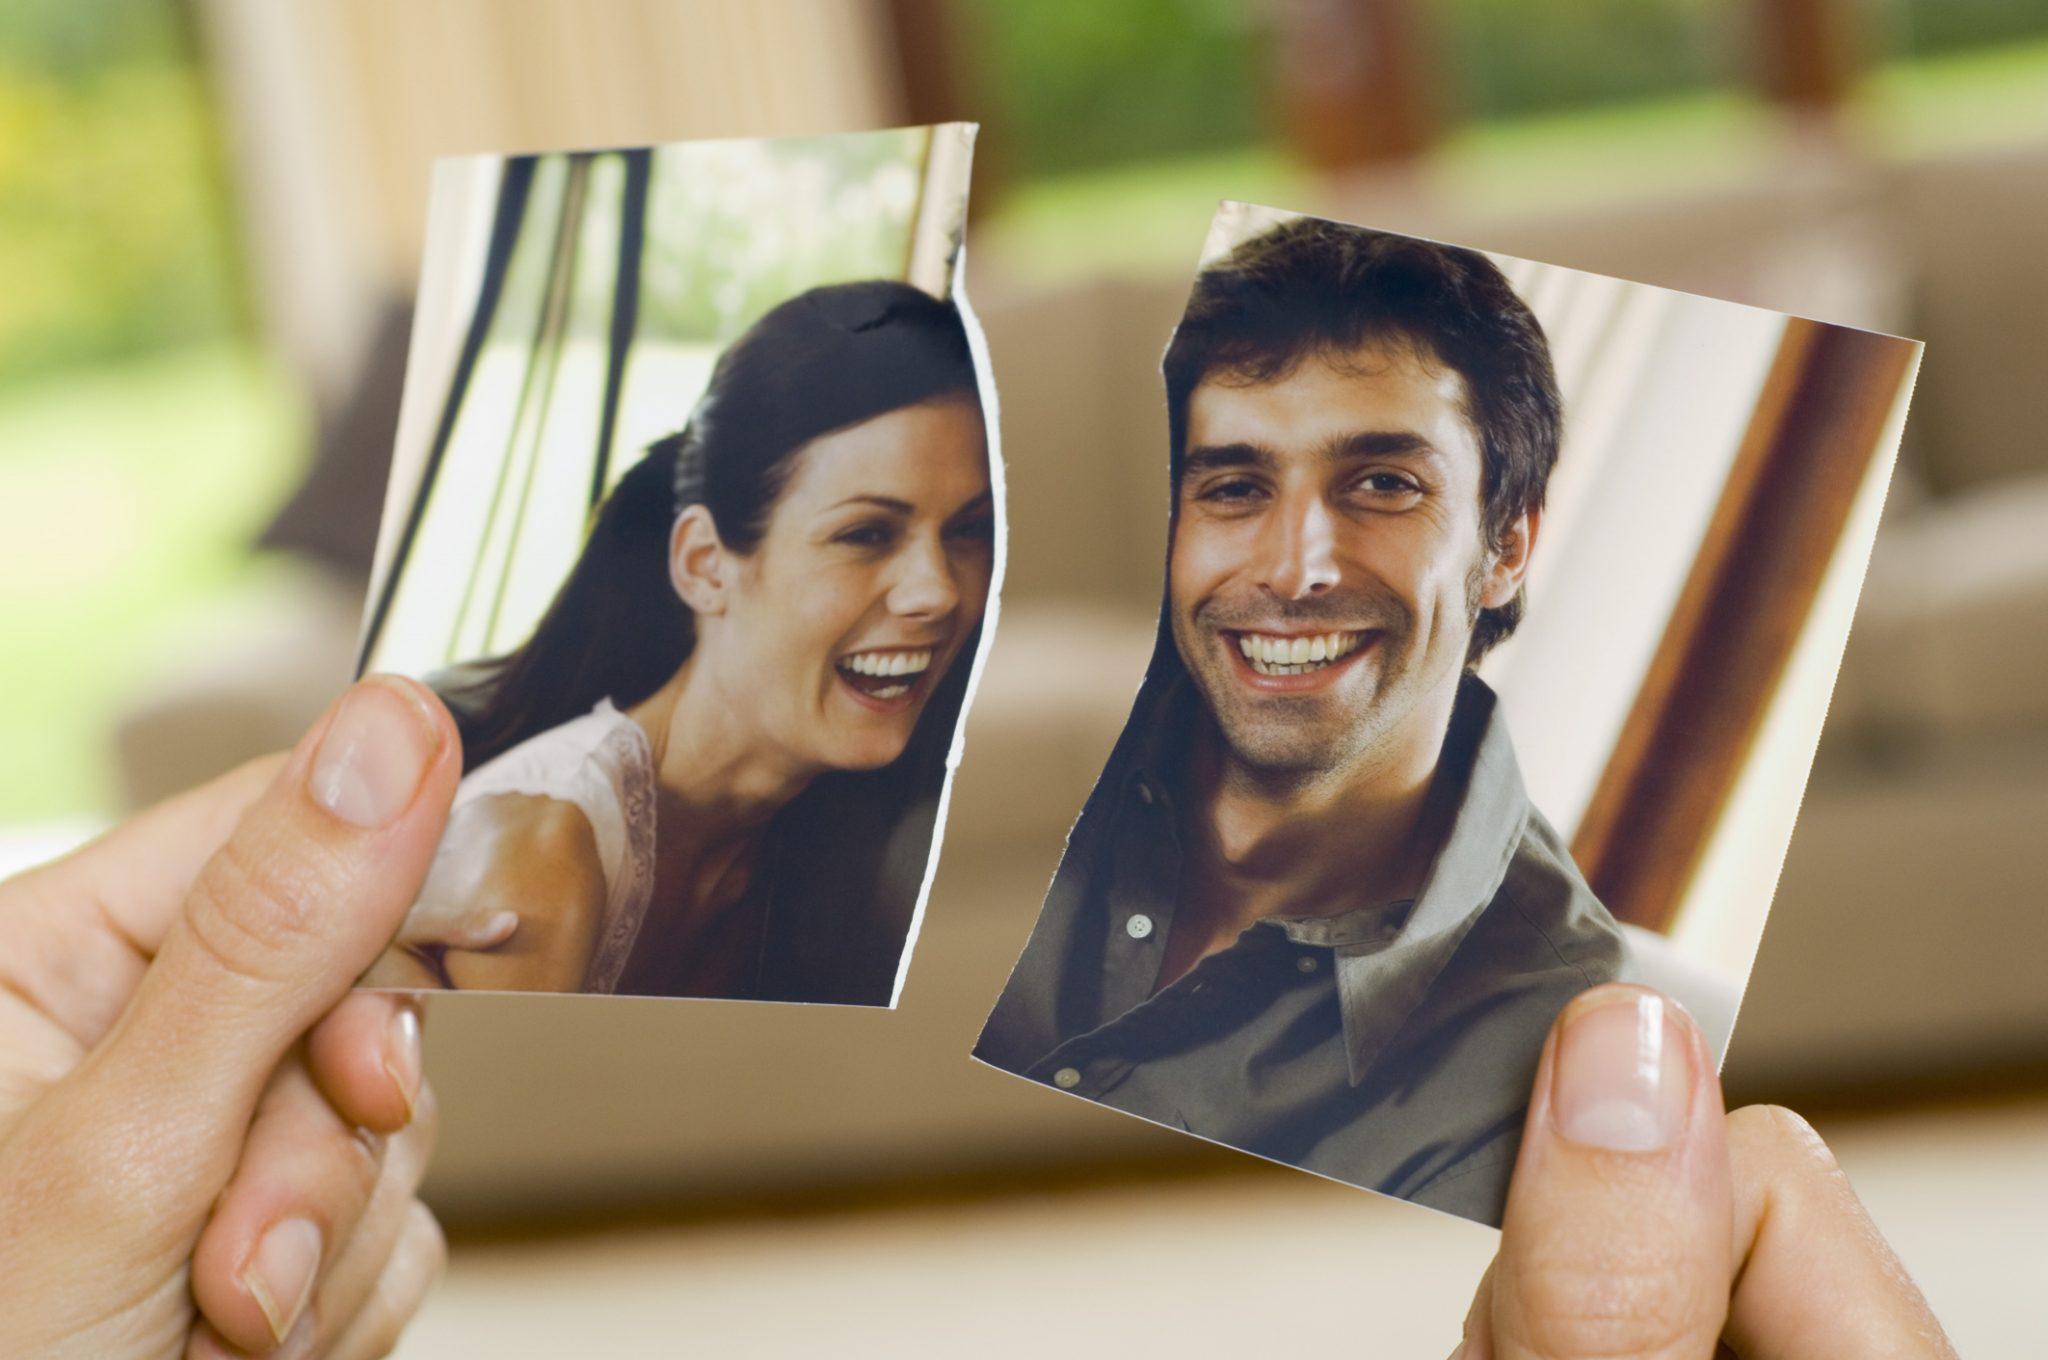 Συχνοί λόγοι που οδηγούν σε διαζύγιο